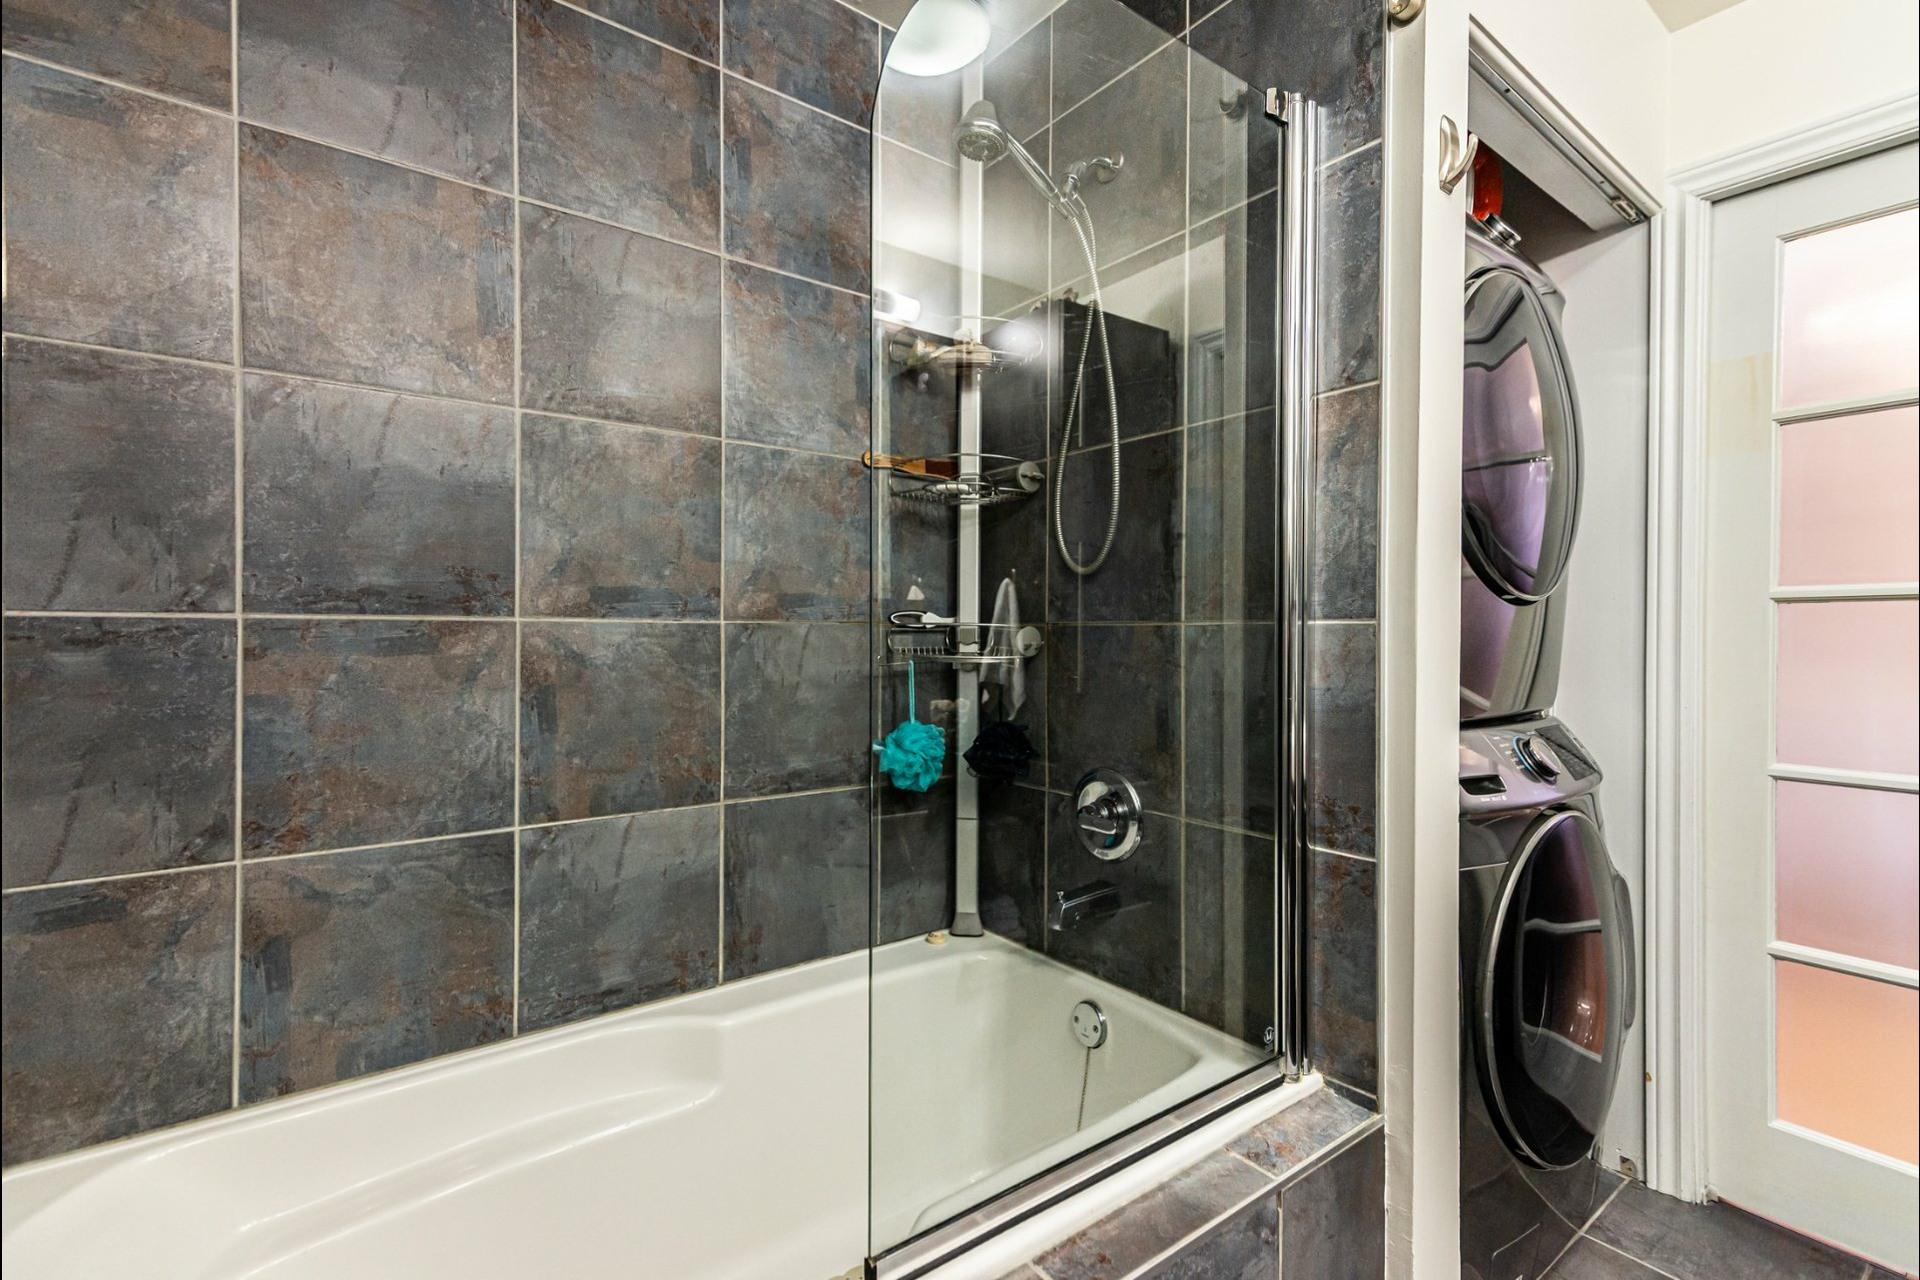 image 11 - Apartment For sale Saint-Laurent Montréal  - 4 rooms